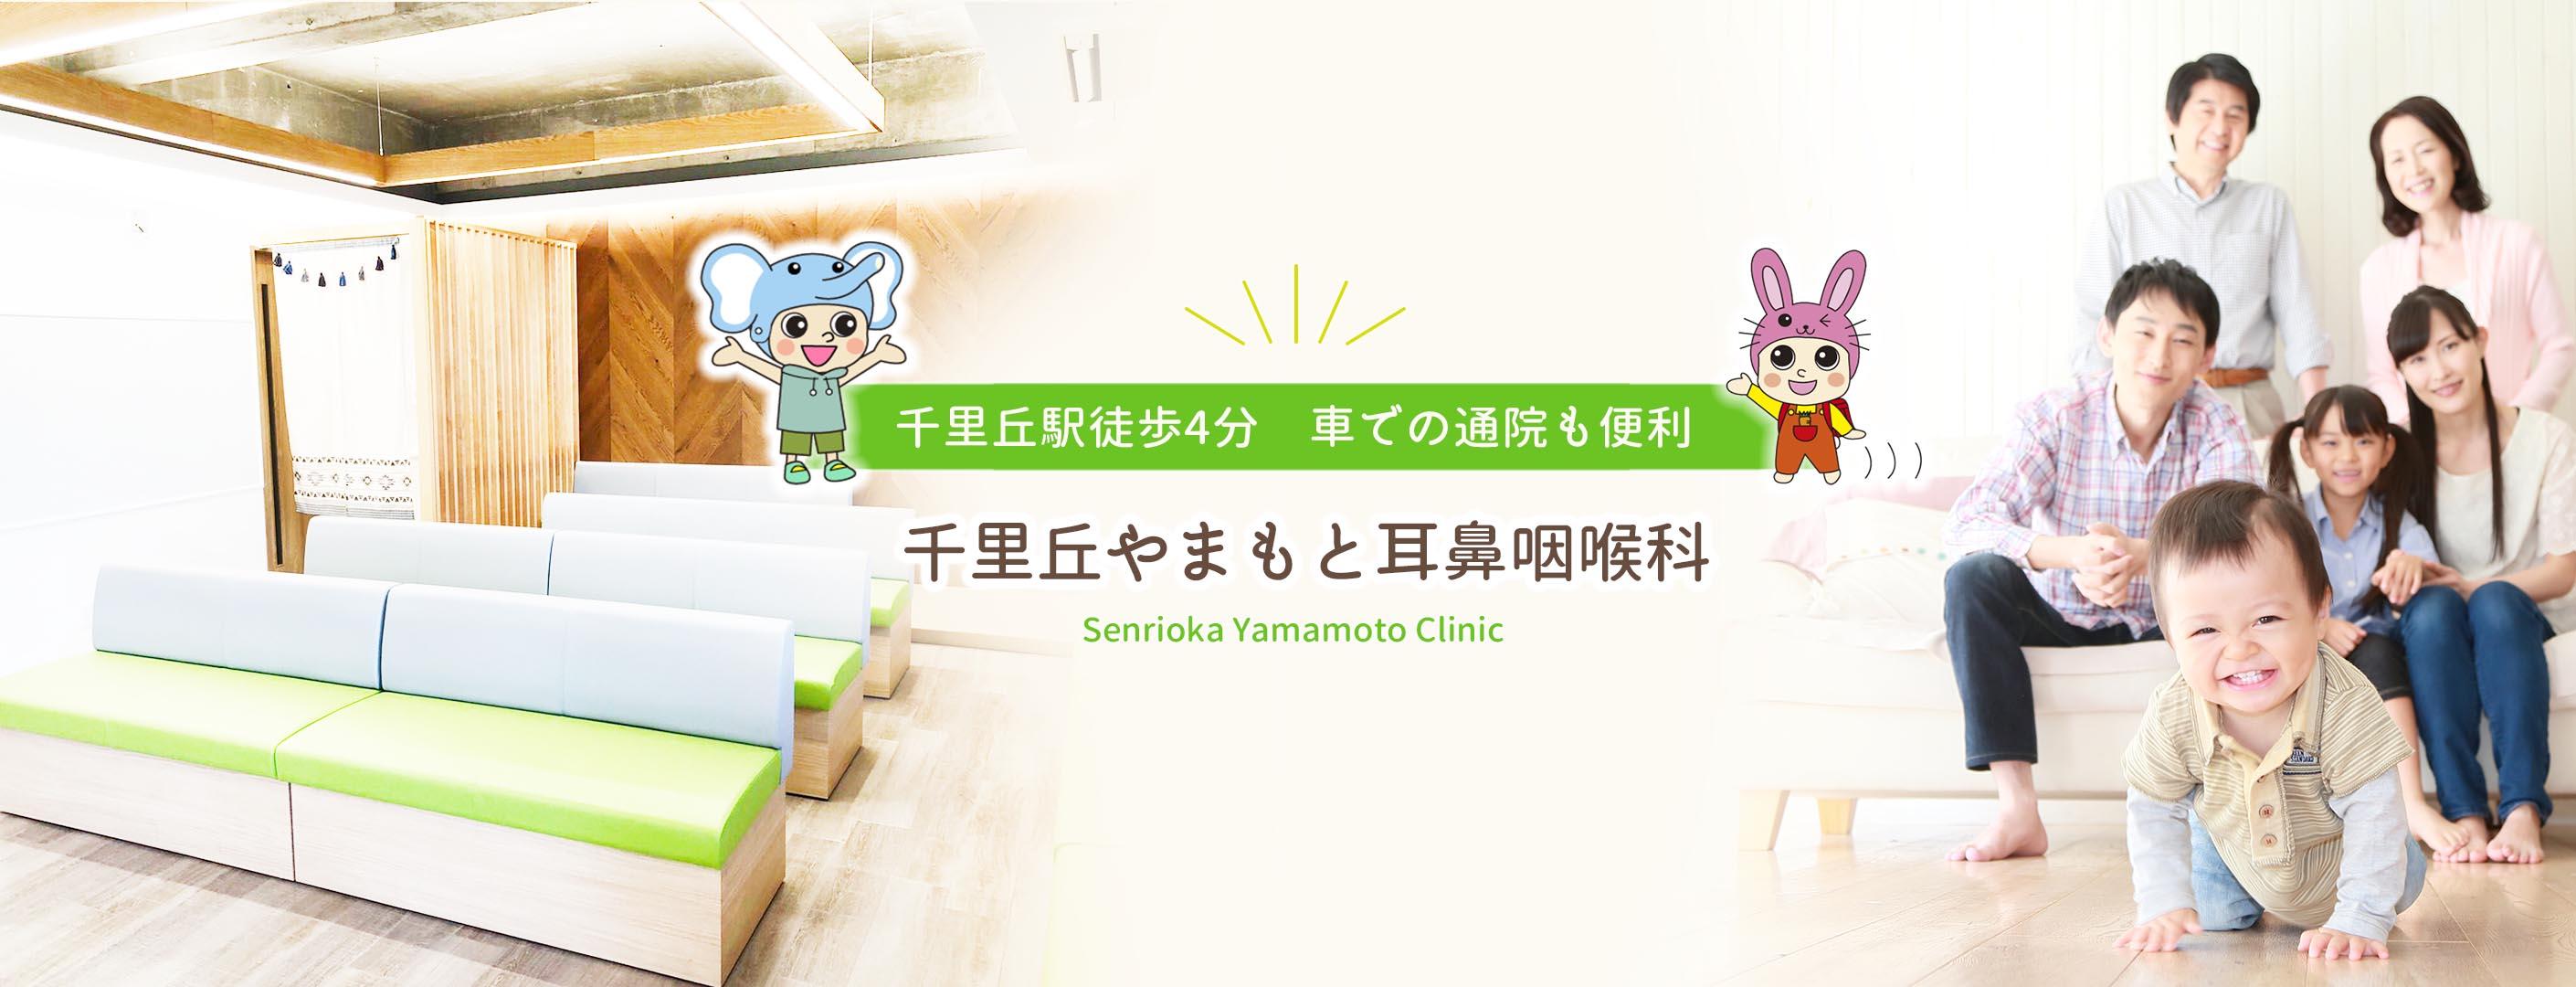 千里丘やまもと耳鼻咽喉科 2020年9月1日開院予定!